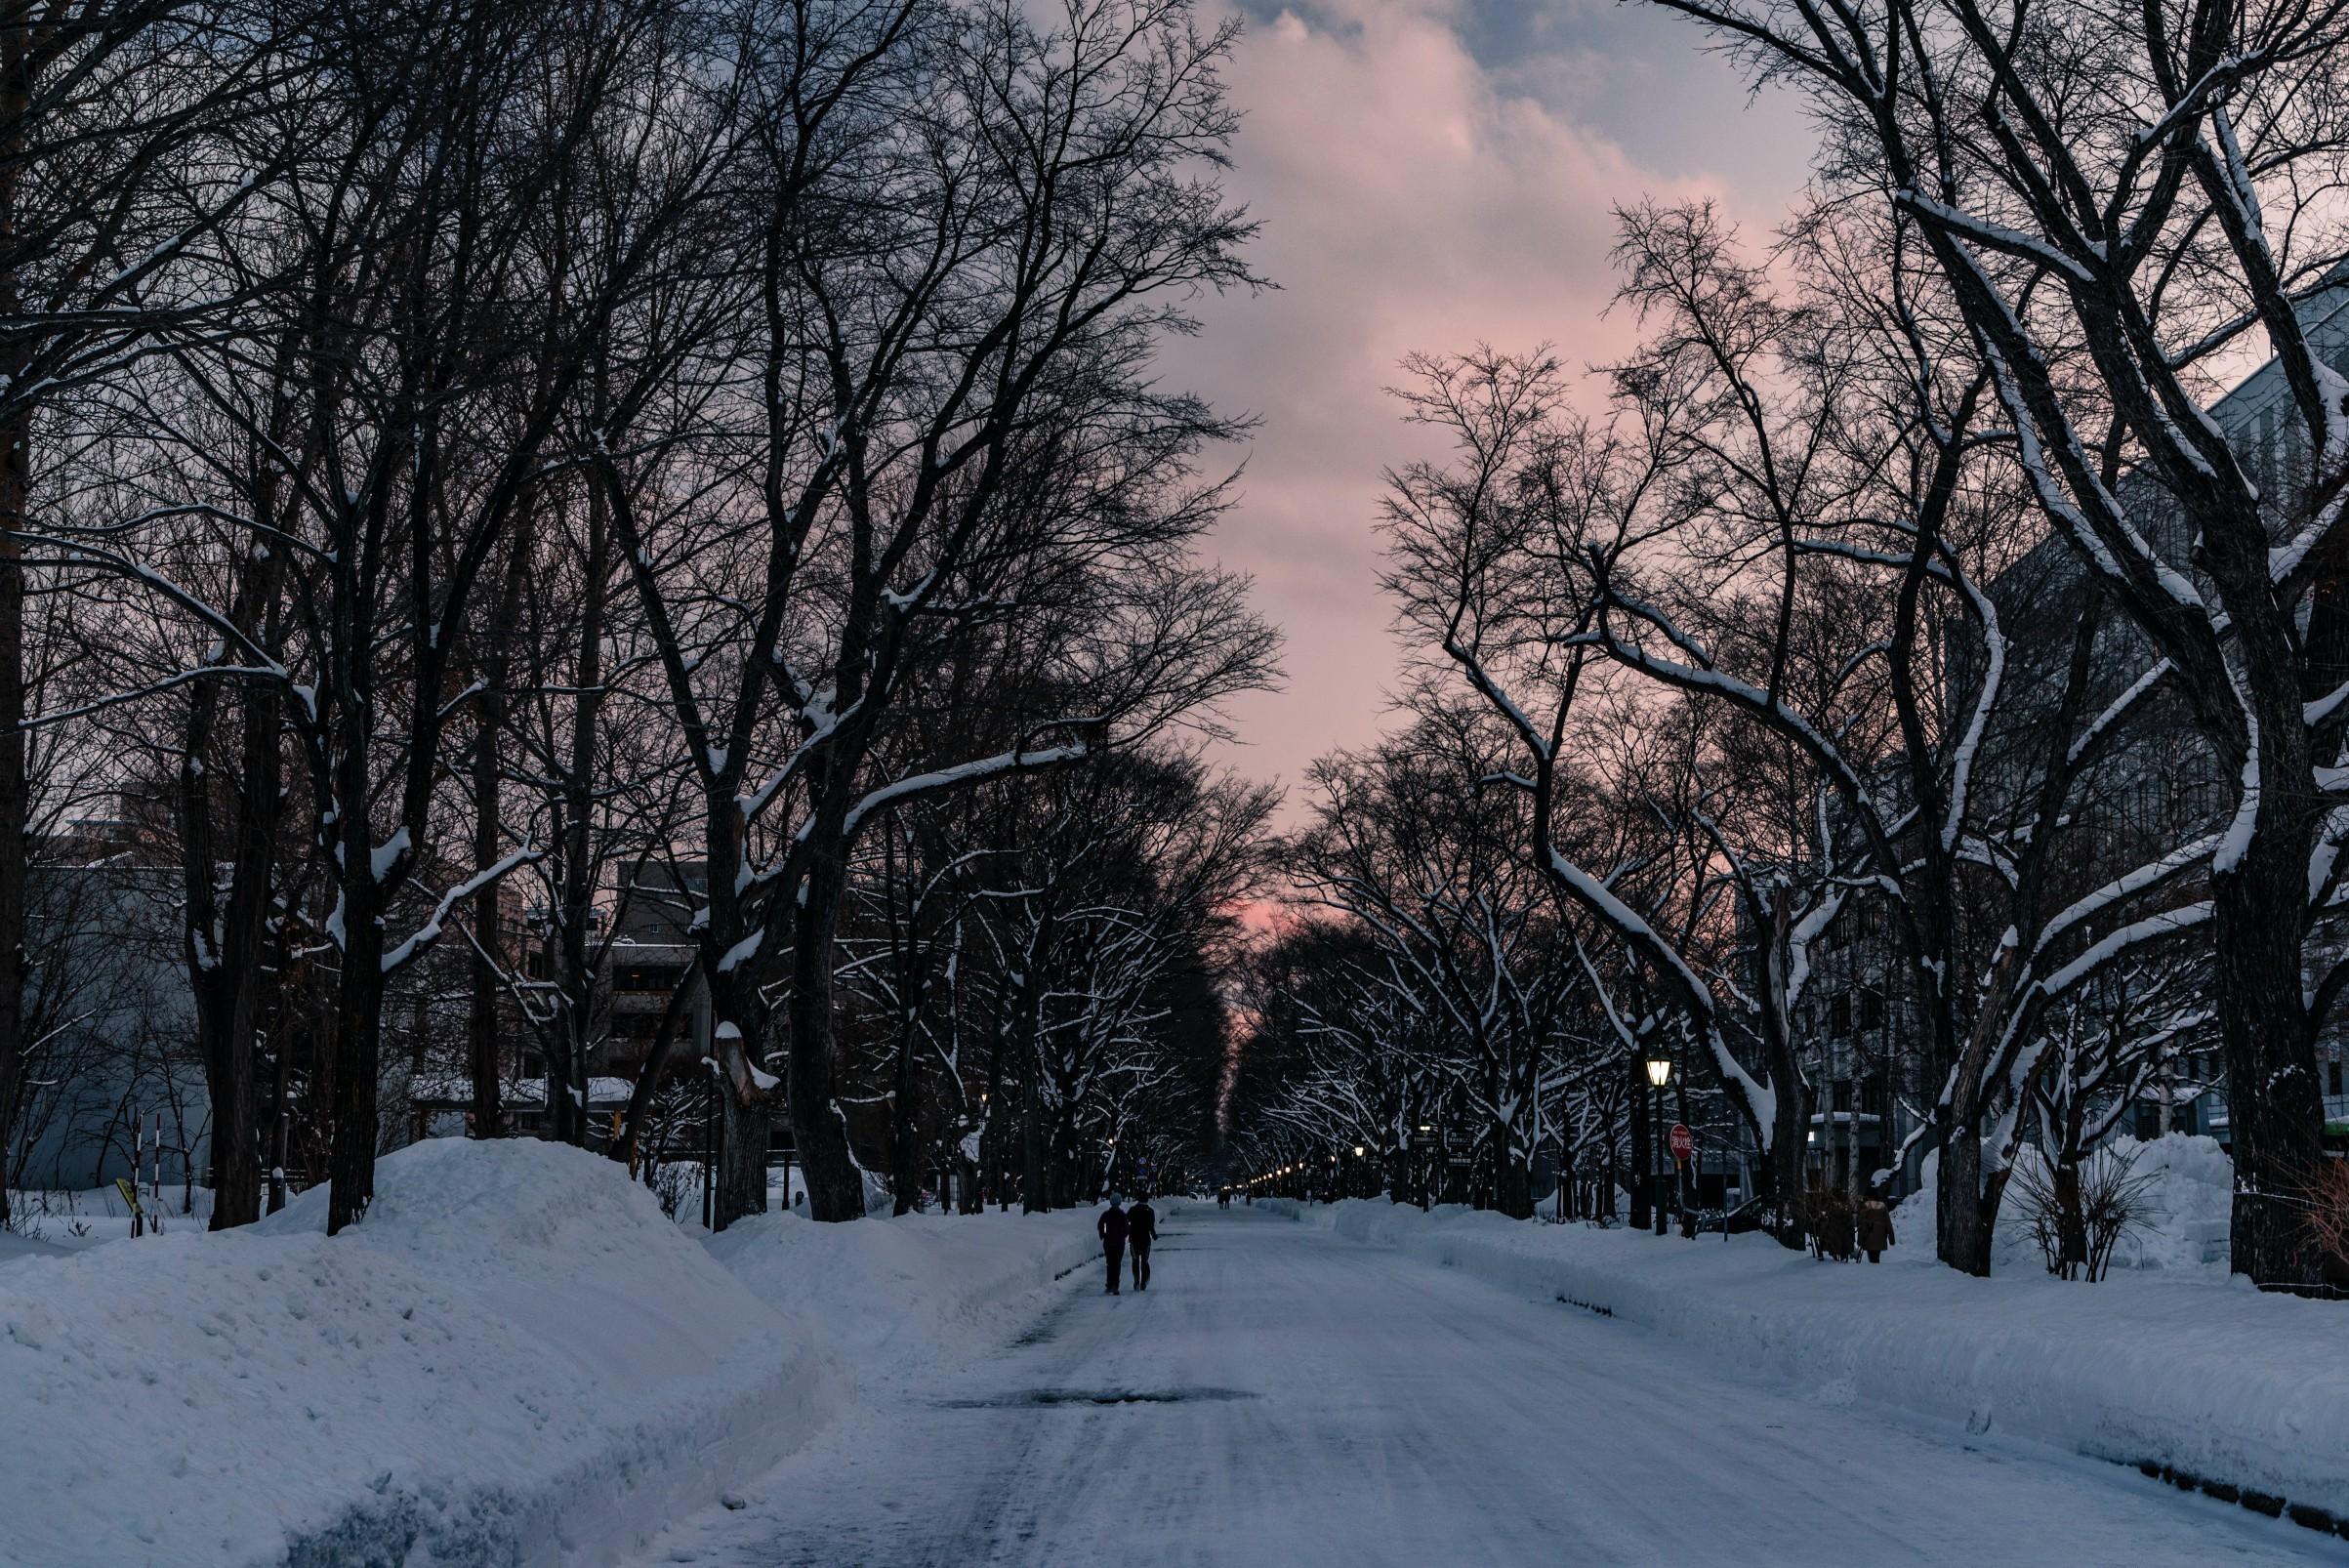 Llega el solsticio de invierno: Hoy es el día más corto del año